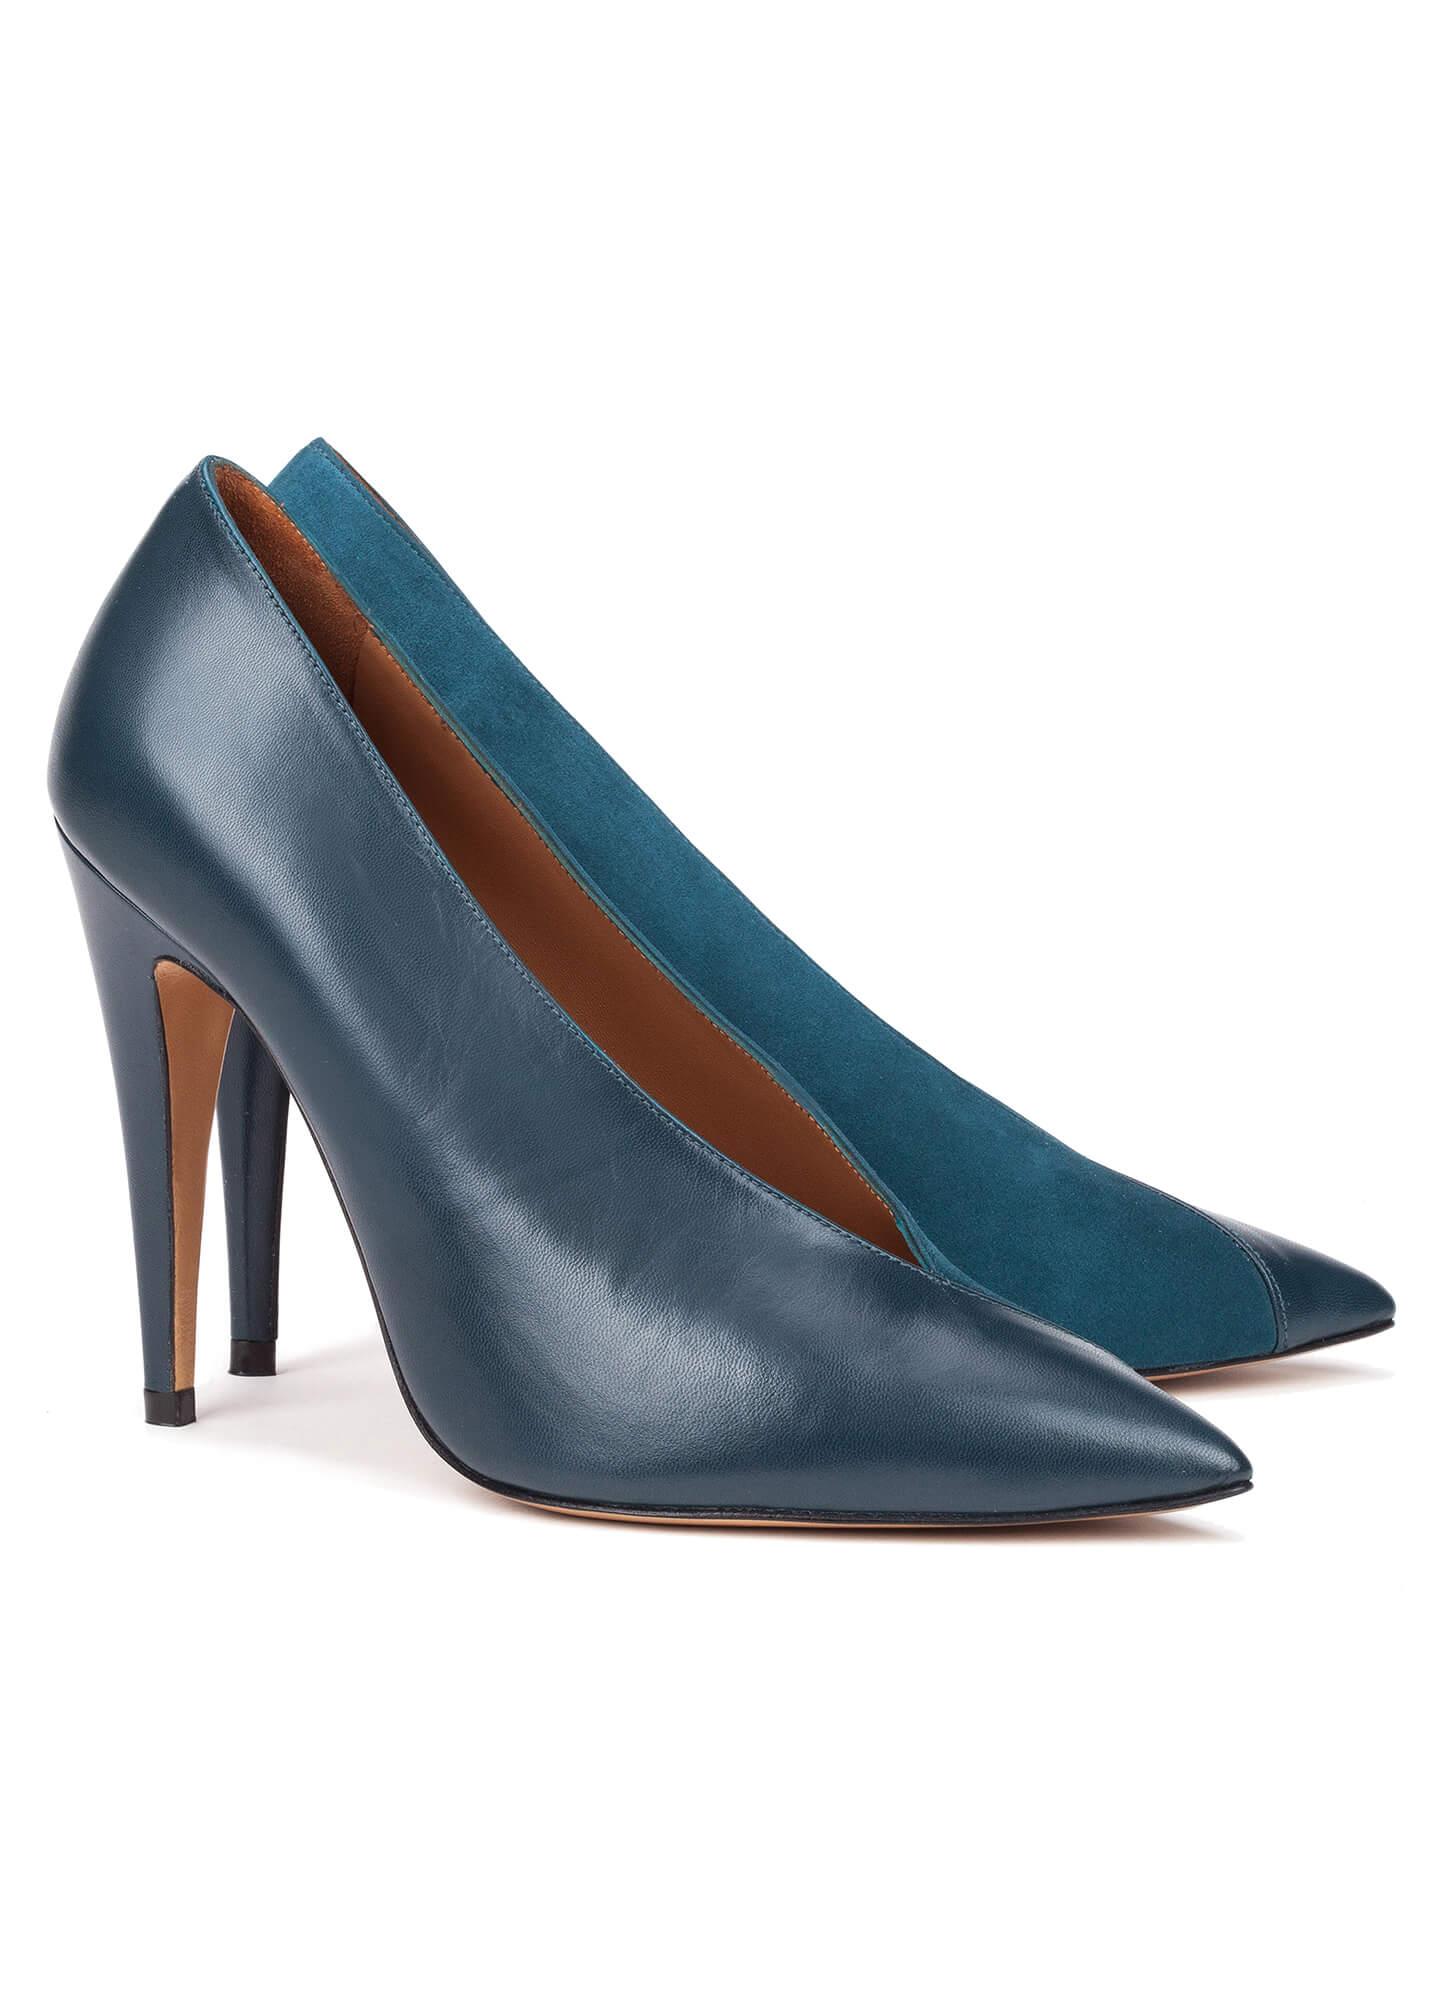 tienda Pura zapatos de salón de López azul petróleo Zapatos YxI0qppw